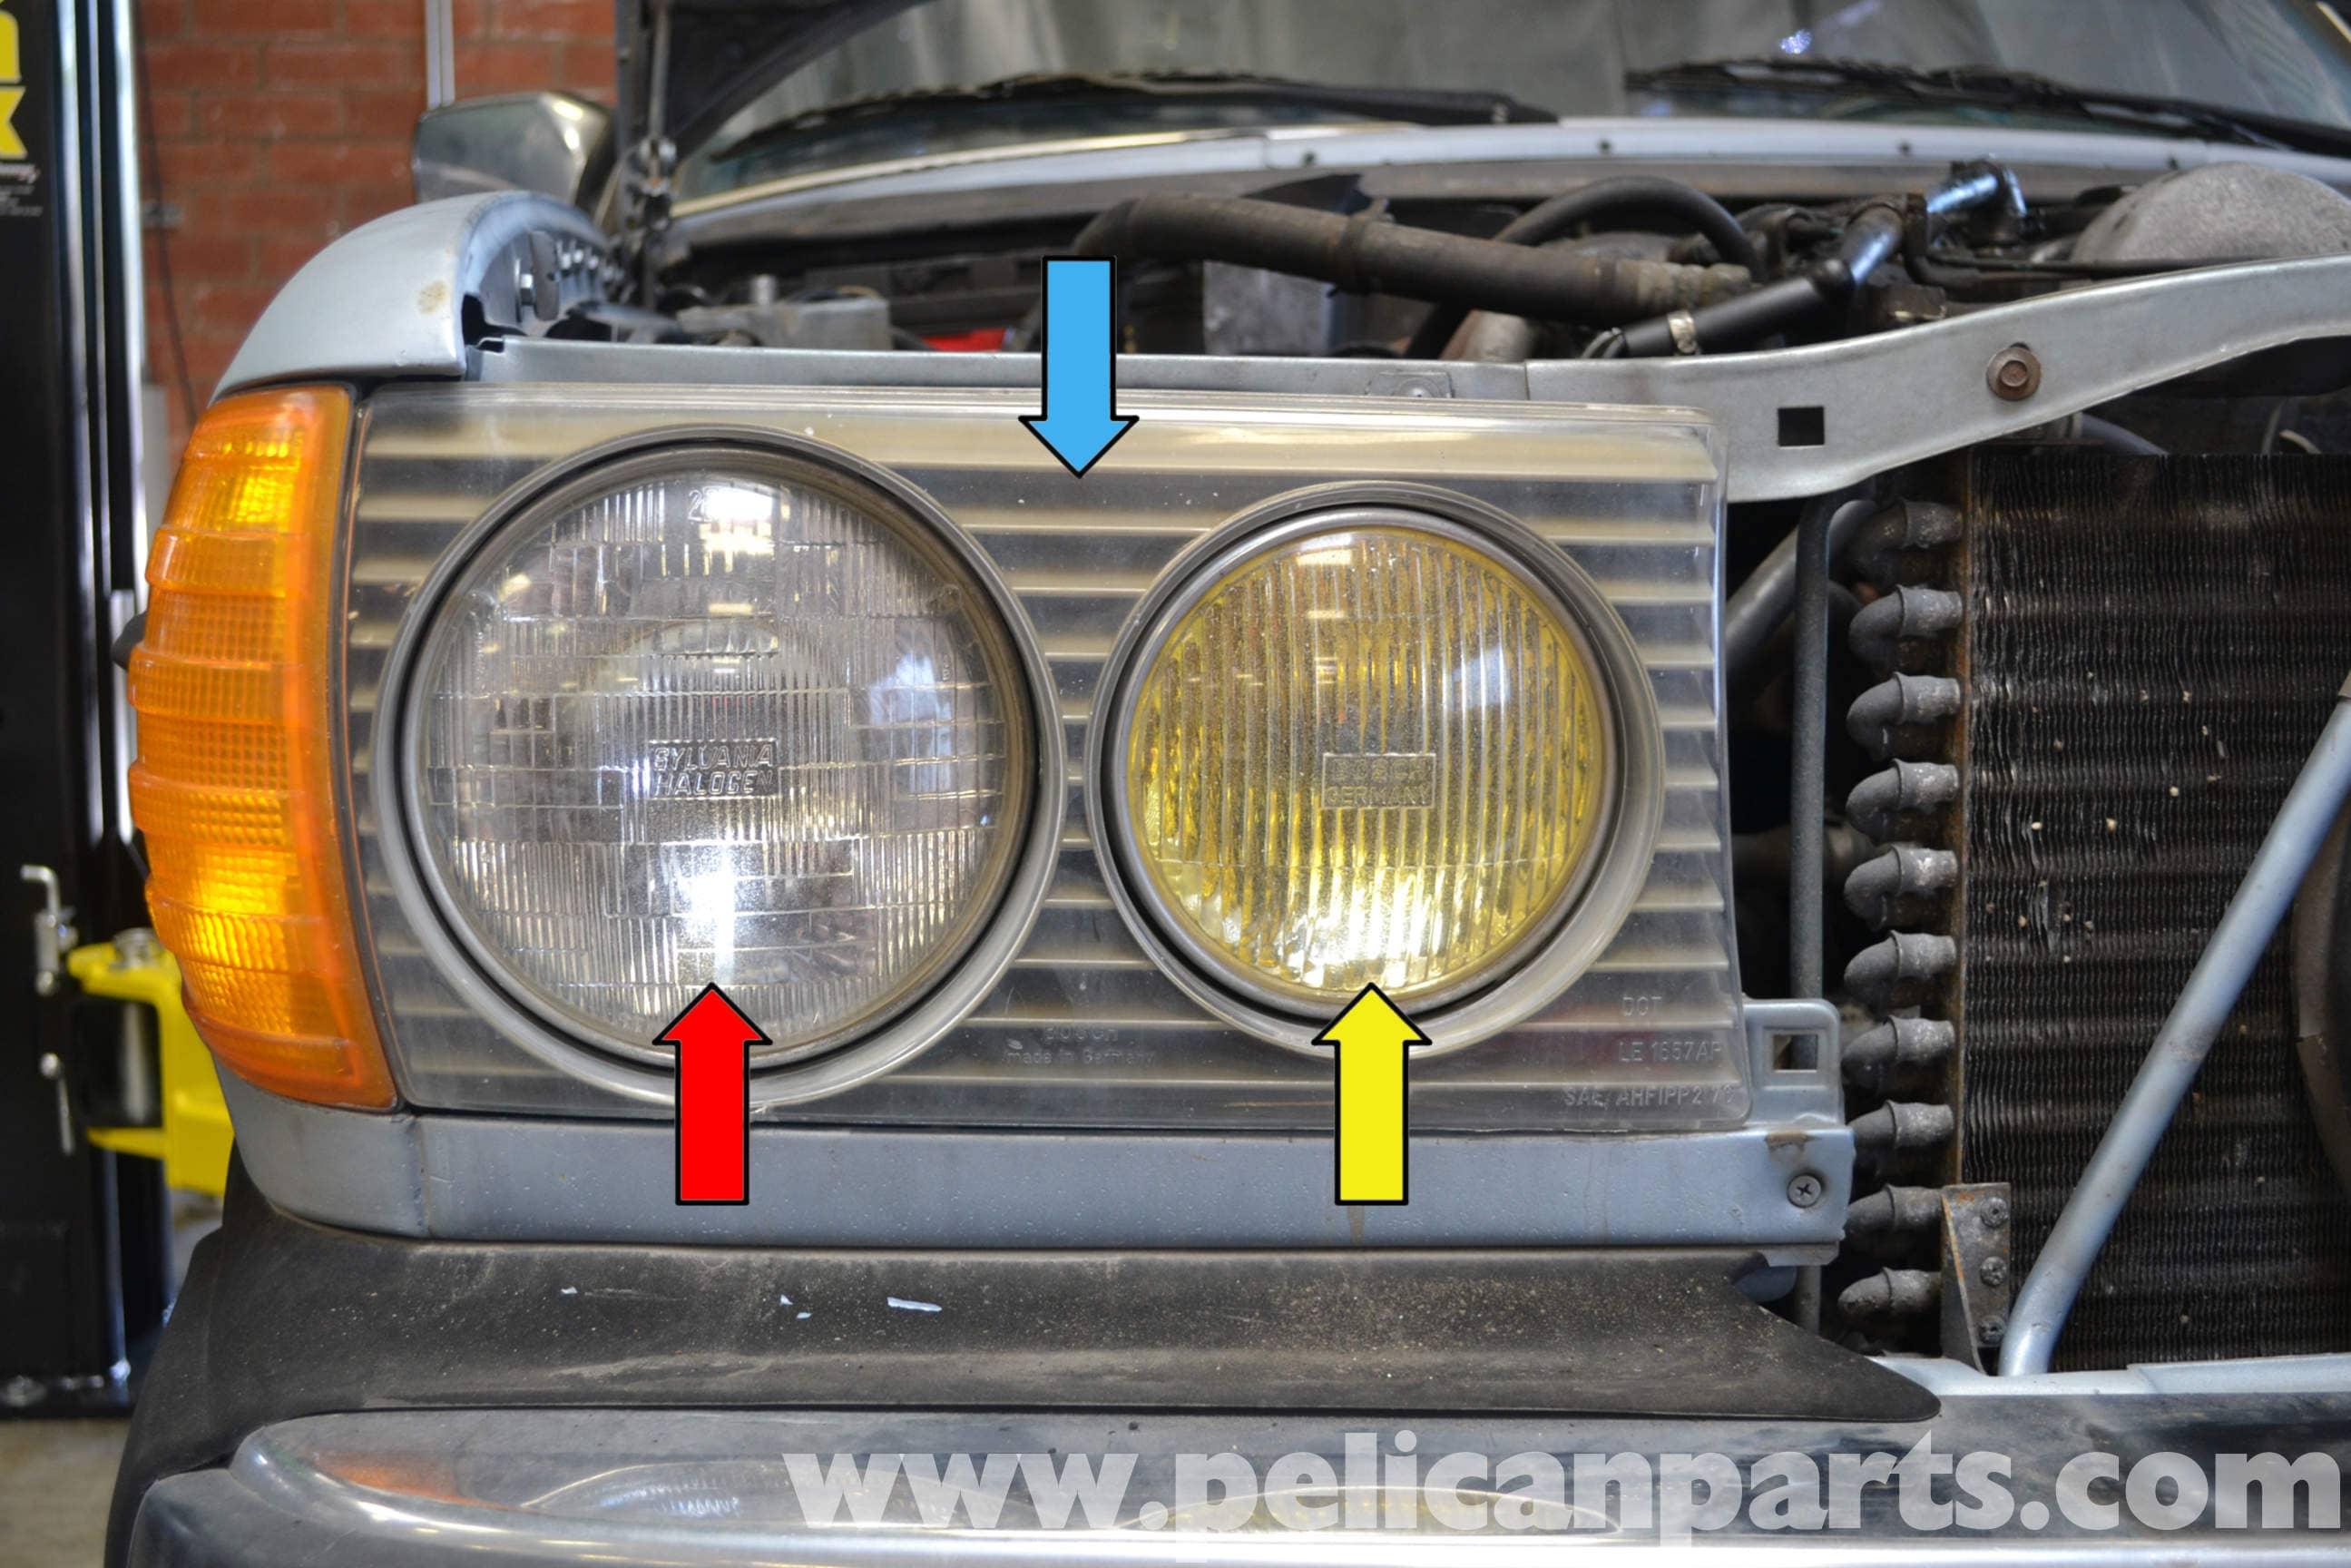 Mercedes benz w123 headlight and fog light replacement for Mercedes benz headlight replacement